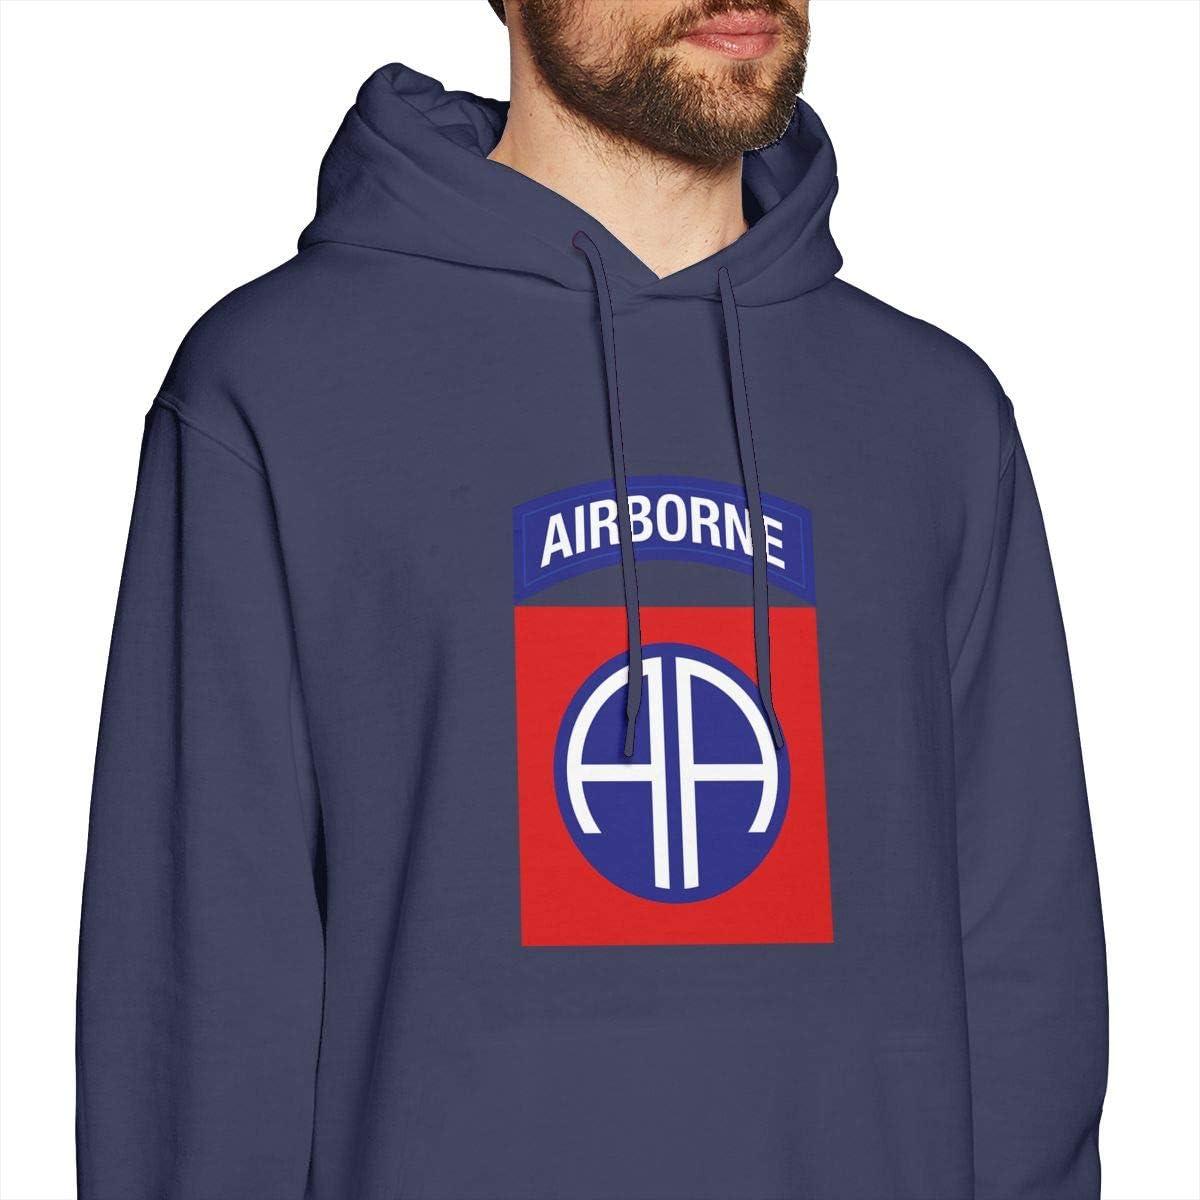 JMPI 82nd Airborne Div V1 Mens Hooded Sweatshirt Theme Printed Fashion Hoodie